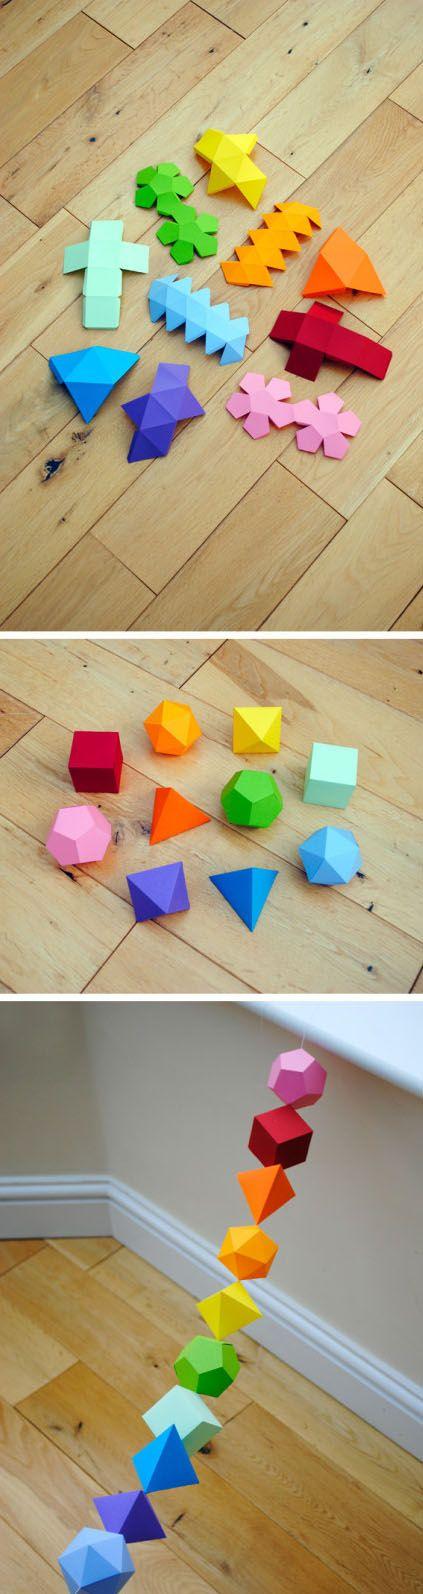 简单的几何形体折纸手工教程 正方形 圆形 三角形